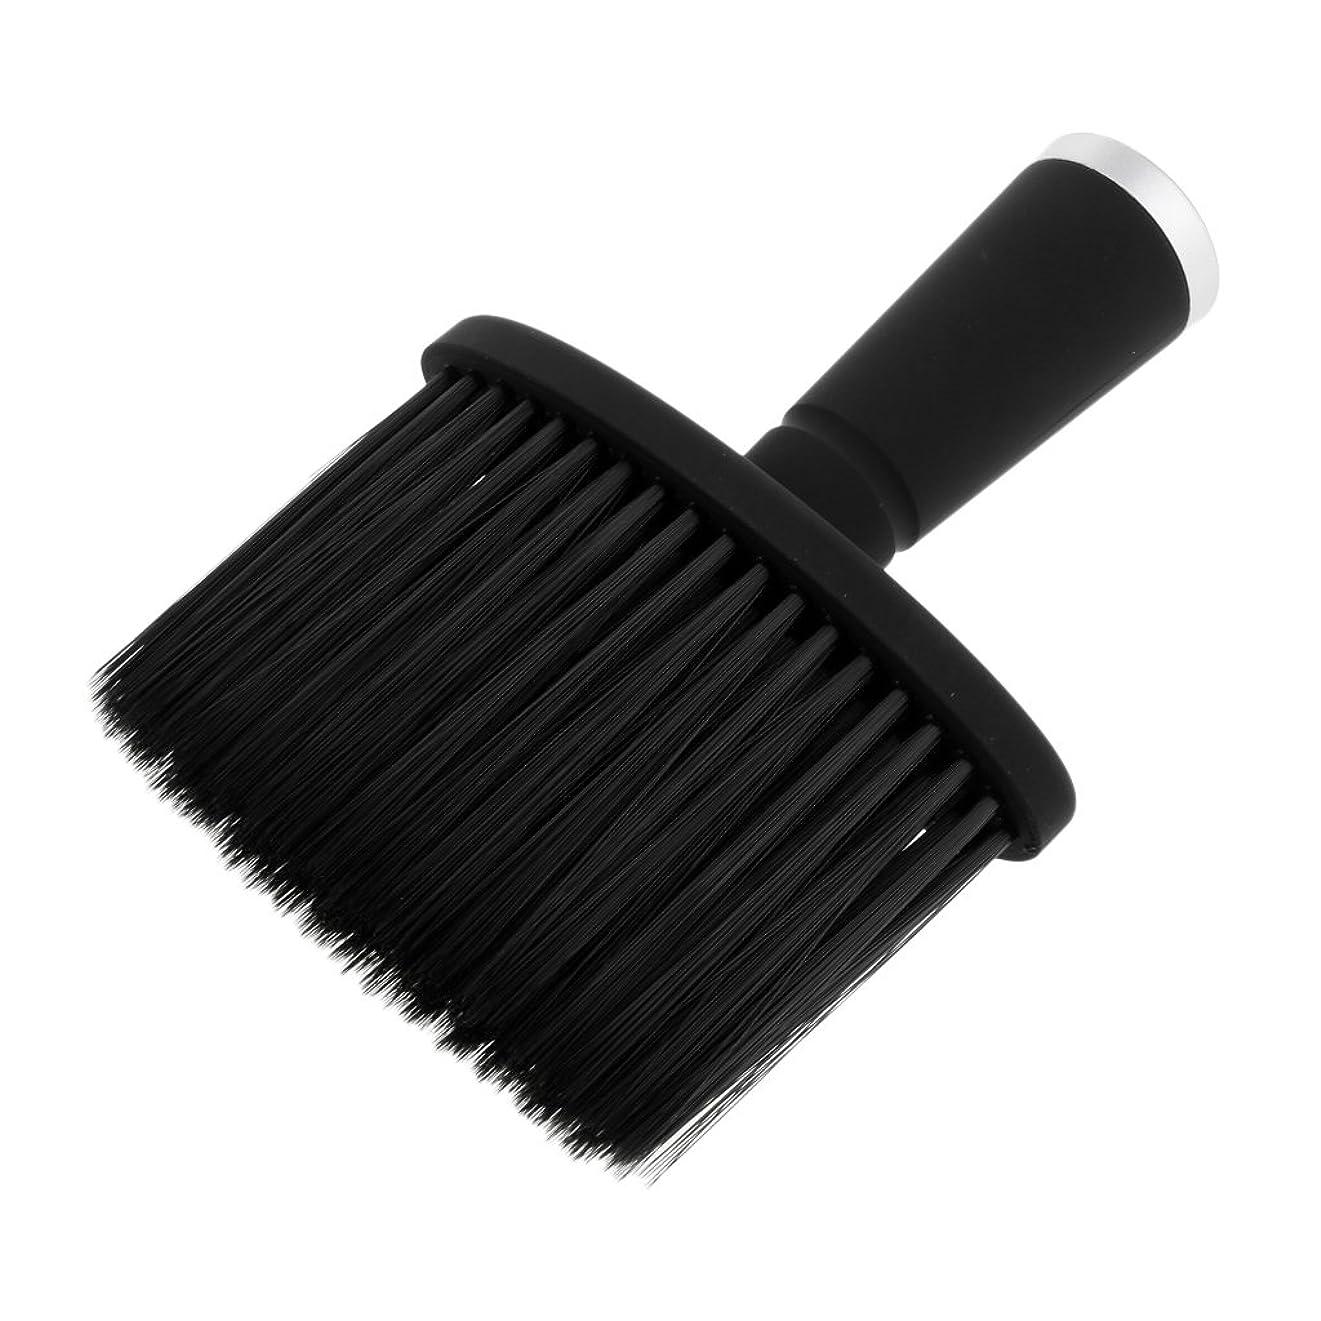 極めて重要な永遠の電話大広間のスタイリストの理髪師の毛の切断の構造用具のための柔らかい首の塵払いのブラシ - 銀